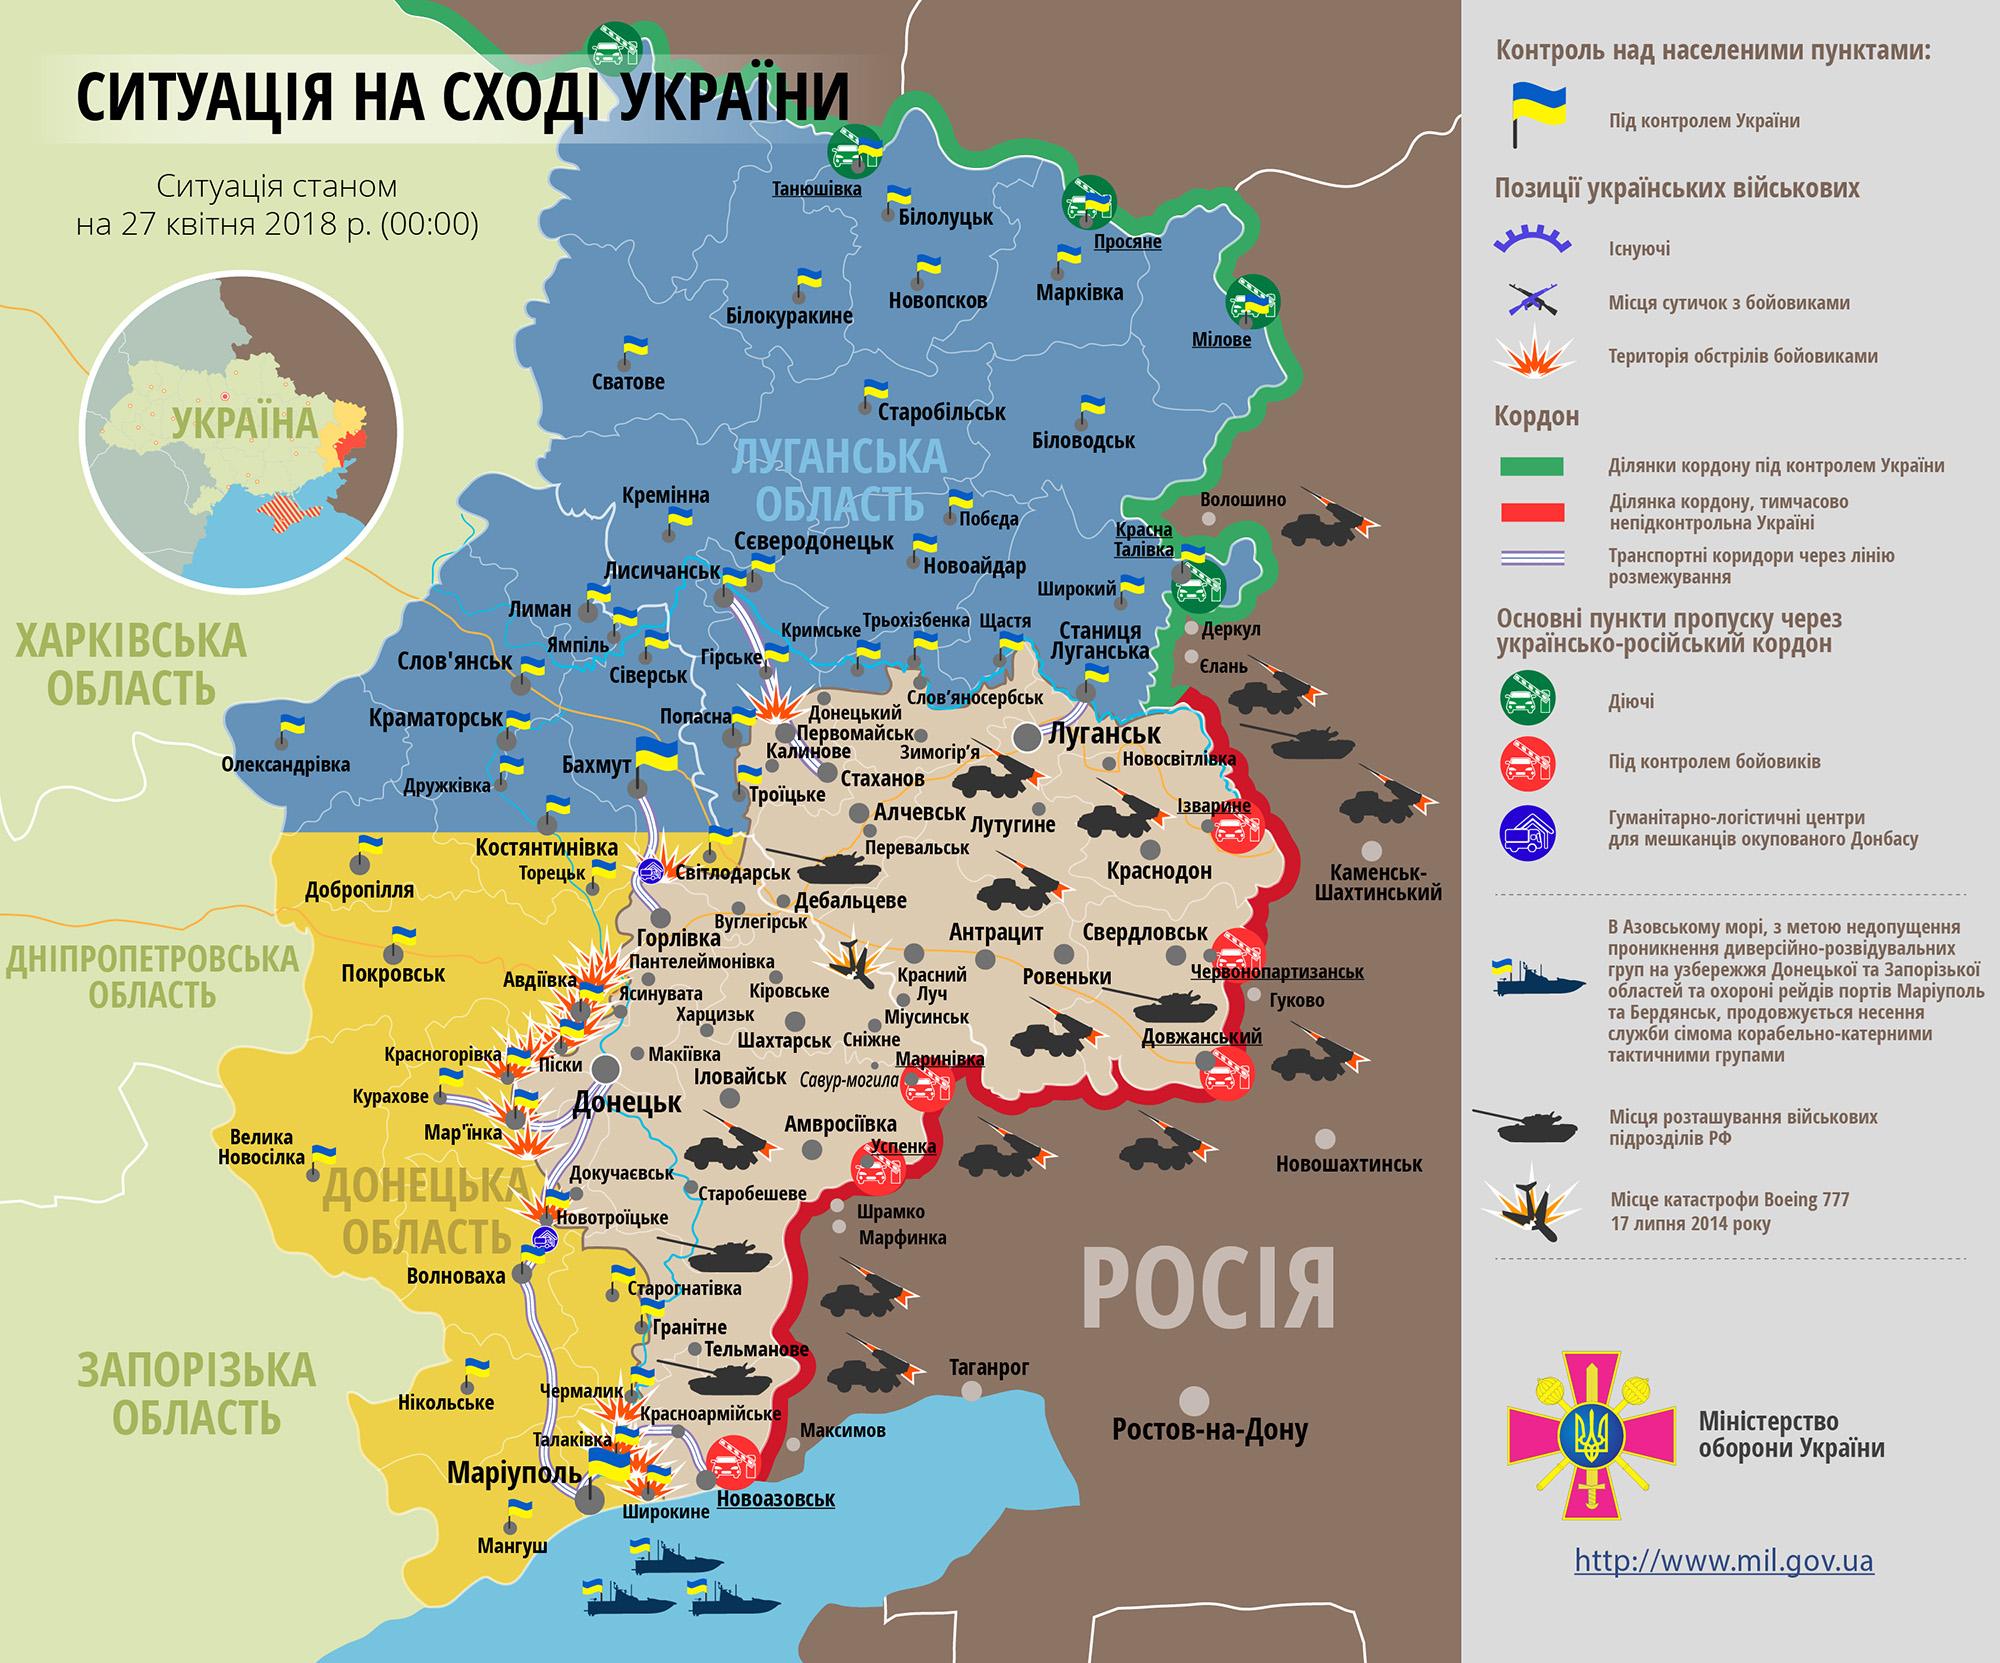 Украина начинает новую операцию на Донбассе: что изменится для людей